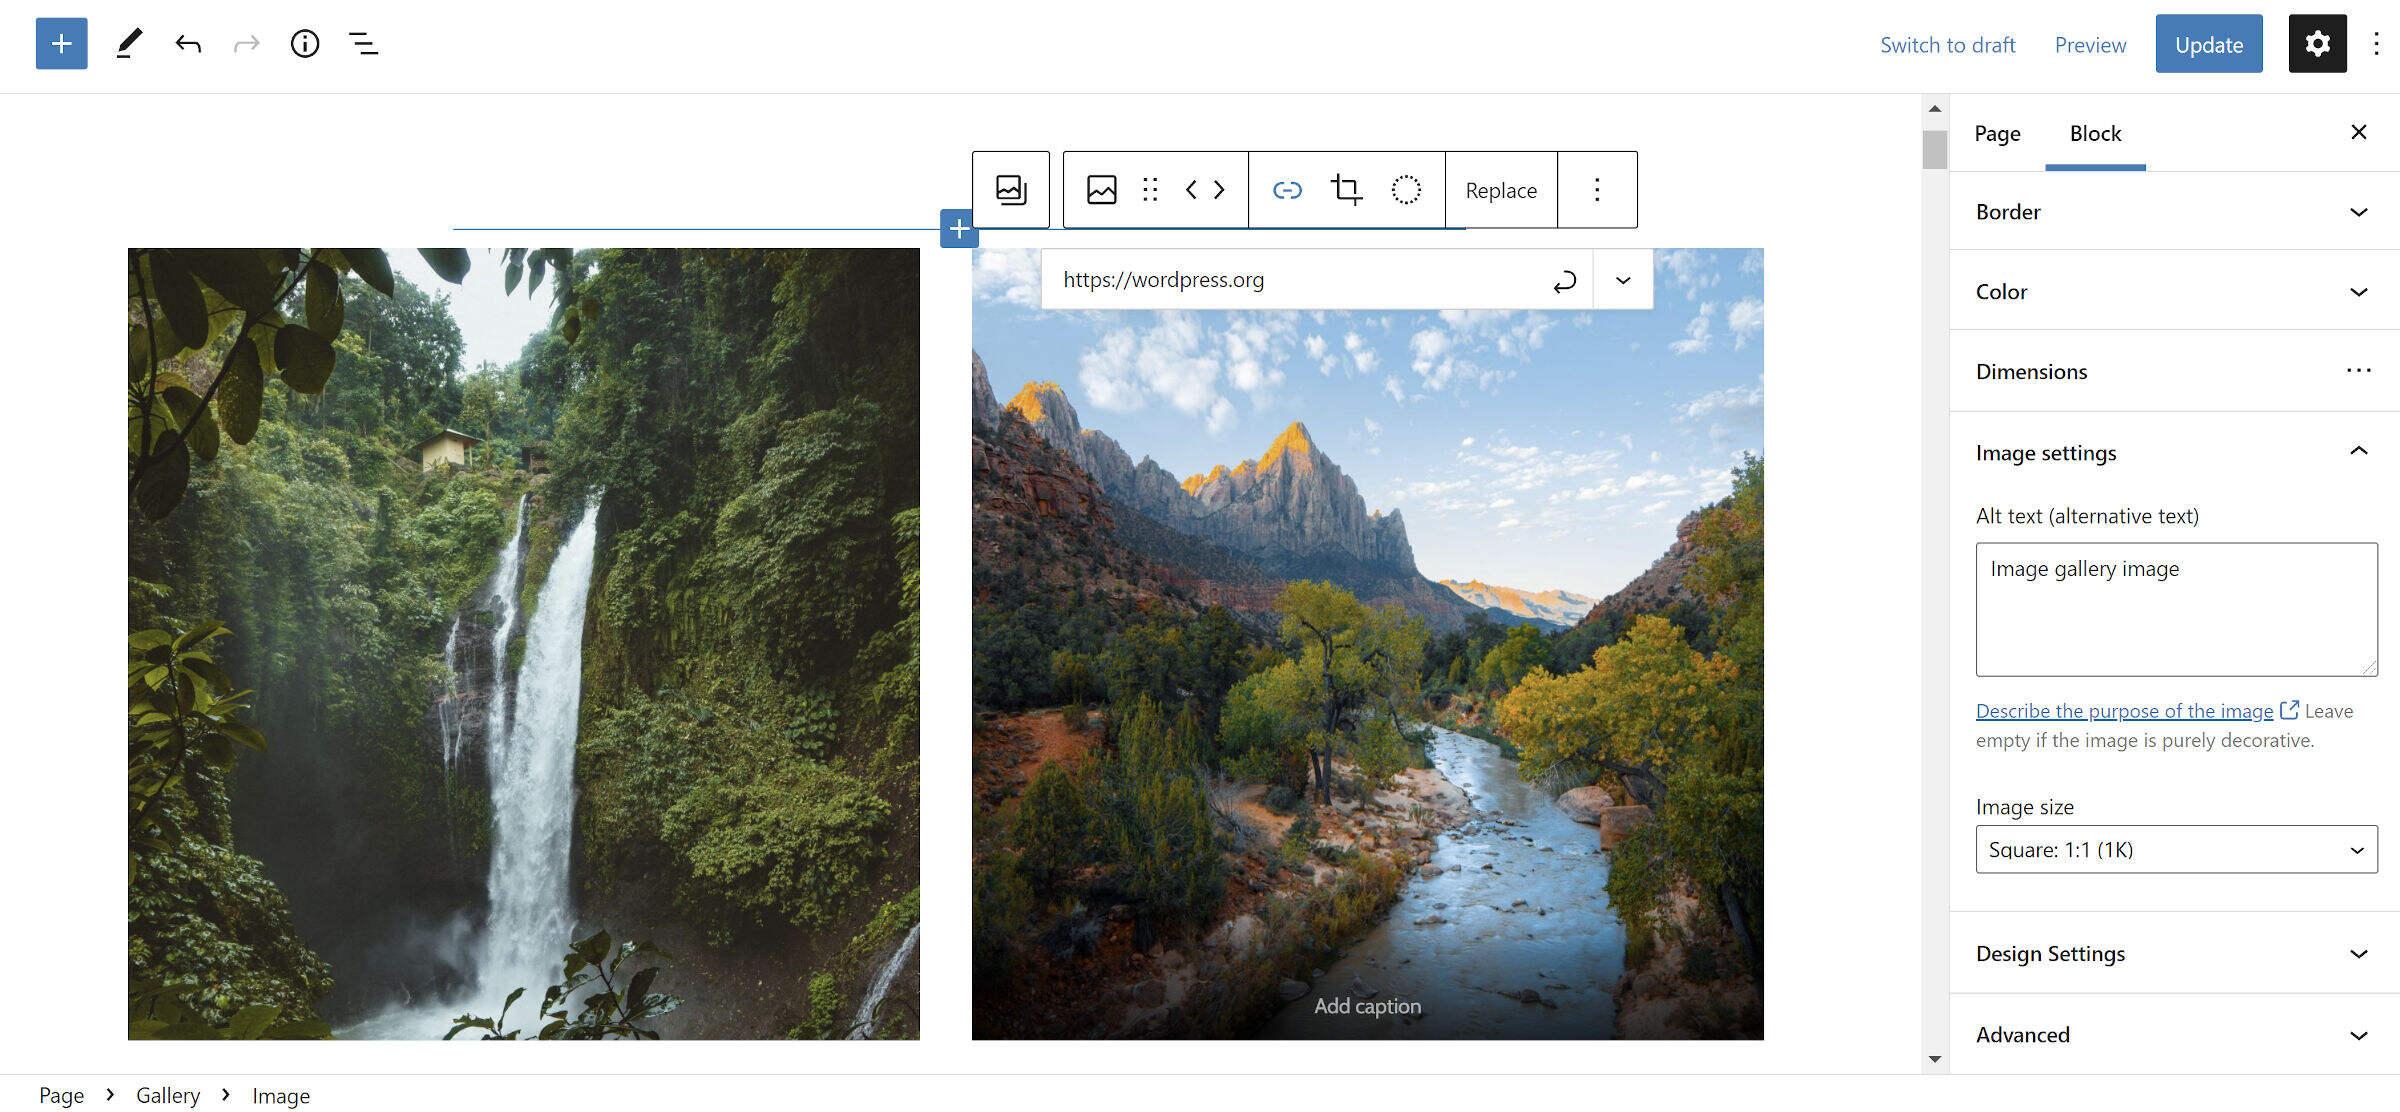 添加到图库中图片区块的链接